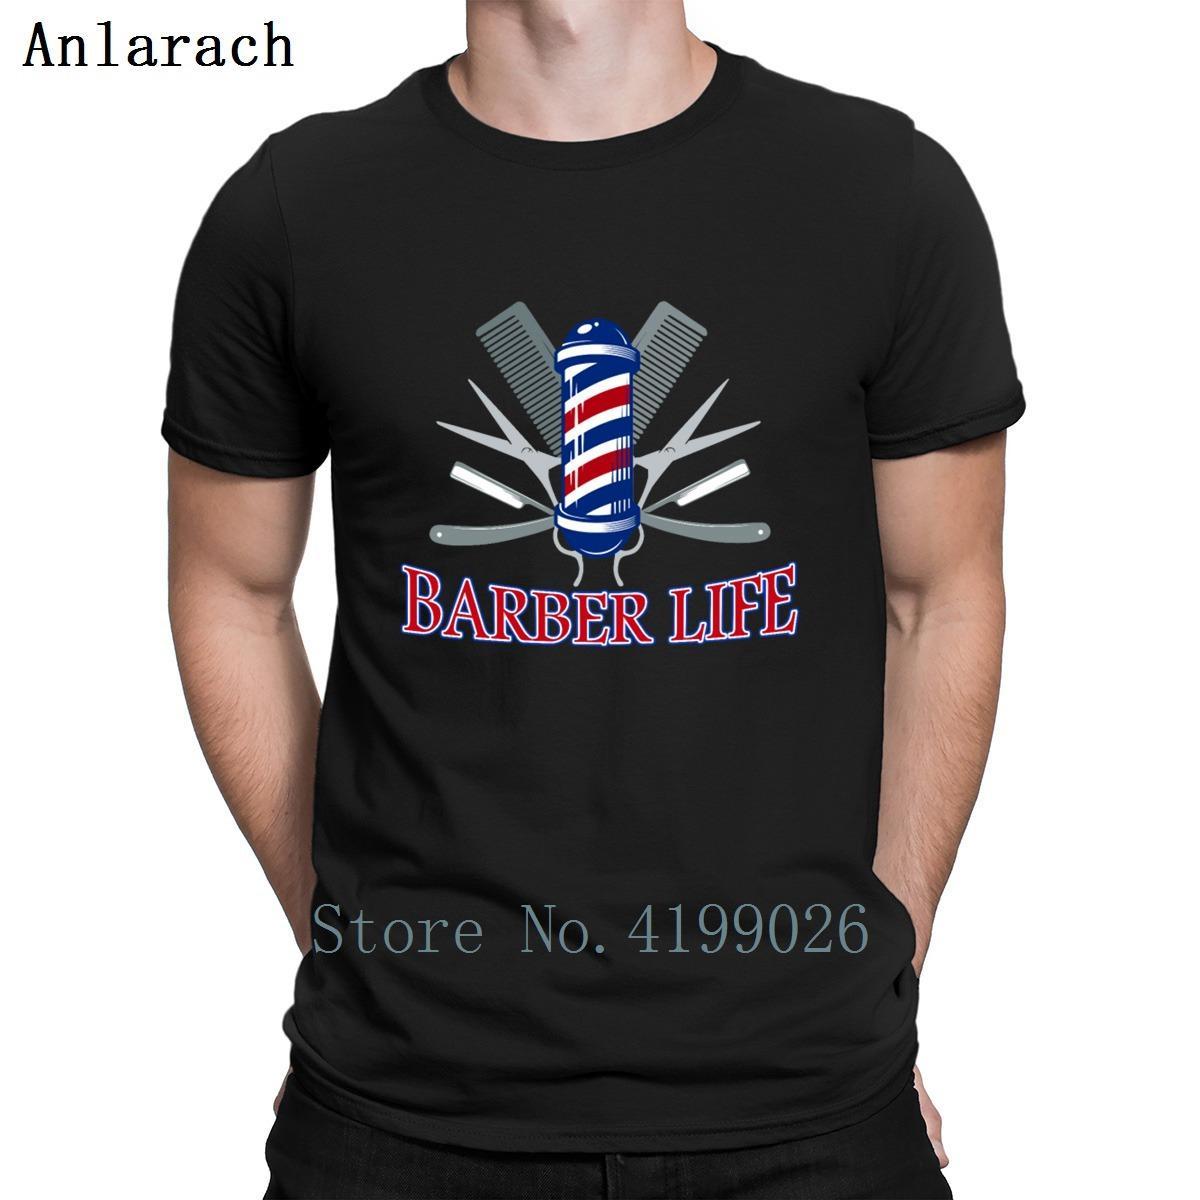 Barber Coiffeurs vie Barbershop T-shirt cool Hommes Fashions personnalité cadeau drôle T-shirts Haut T Printemps Automne récent